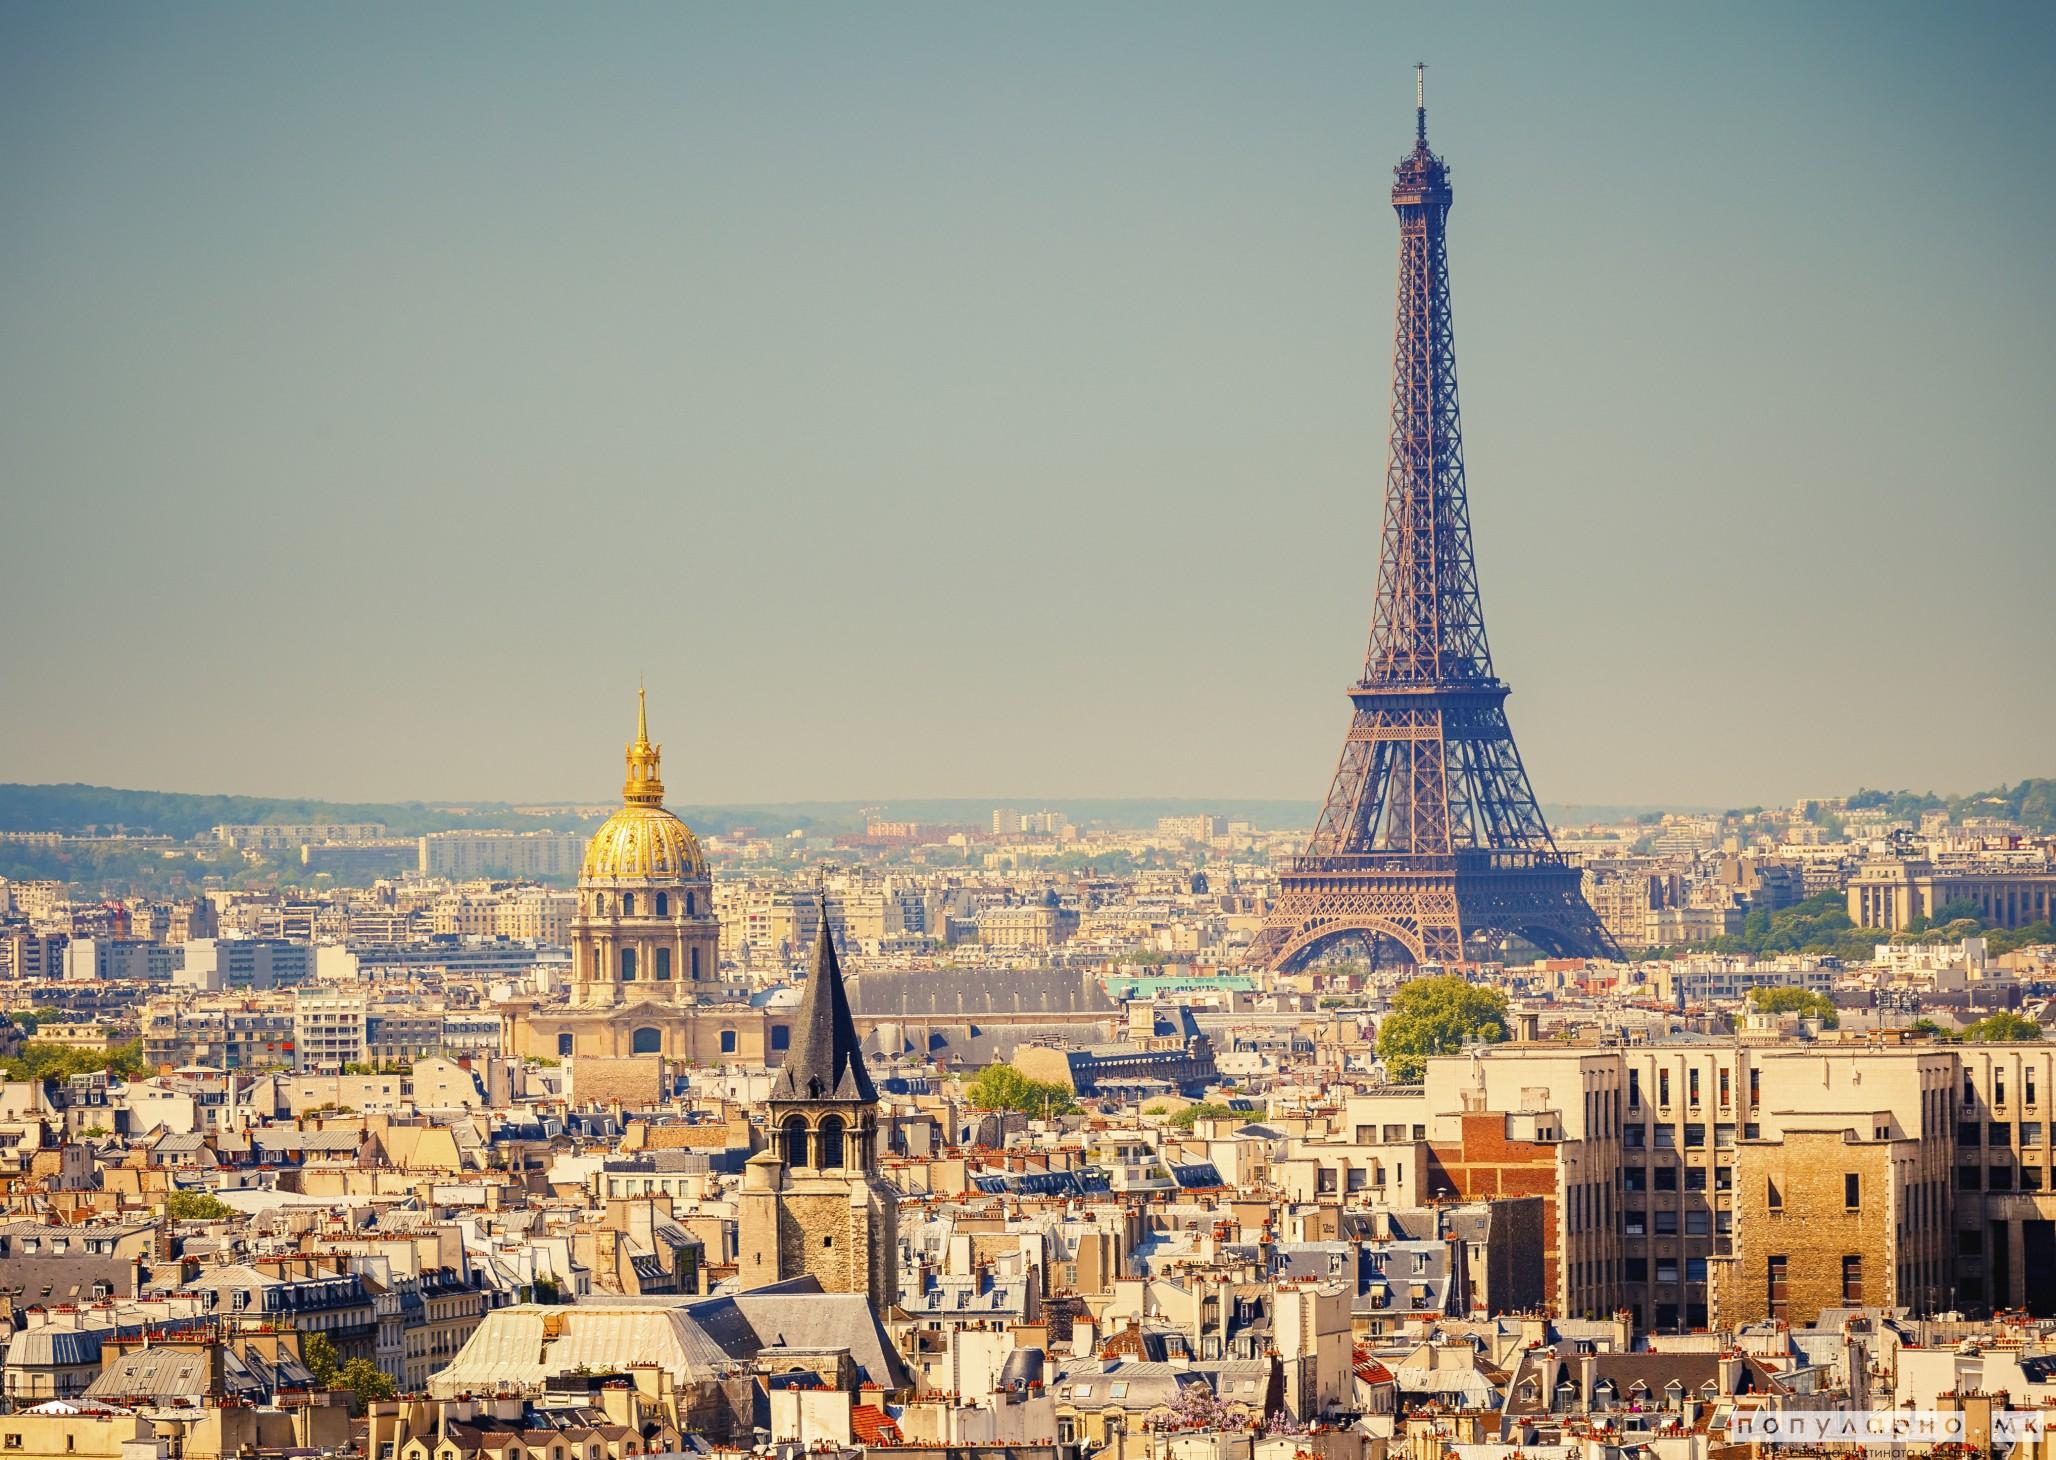 Париз: Шест квадрати за 76.000 евра